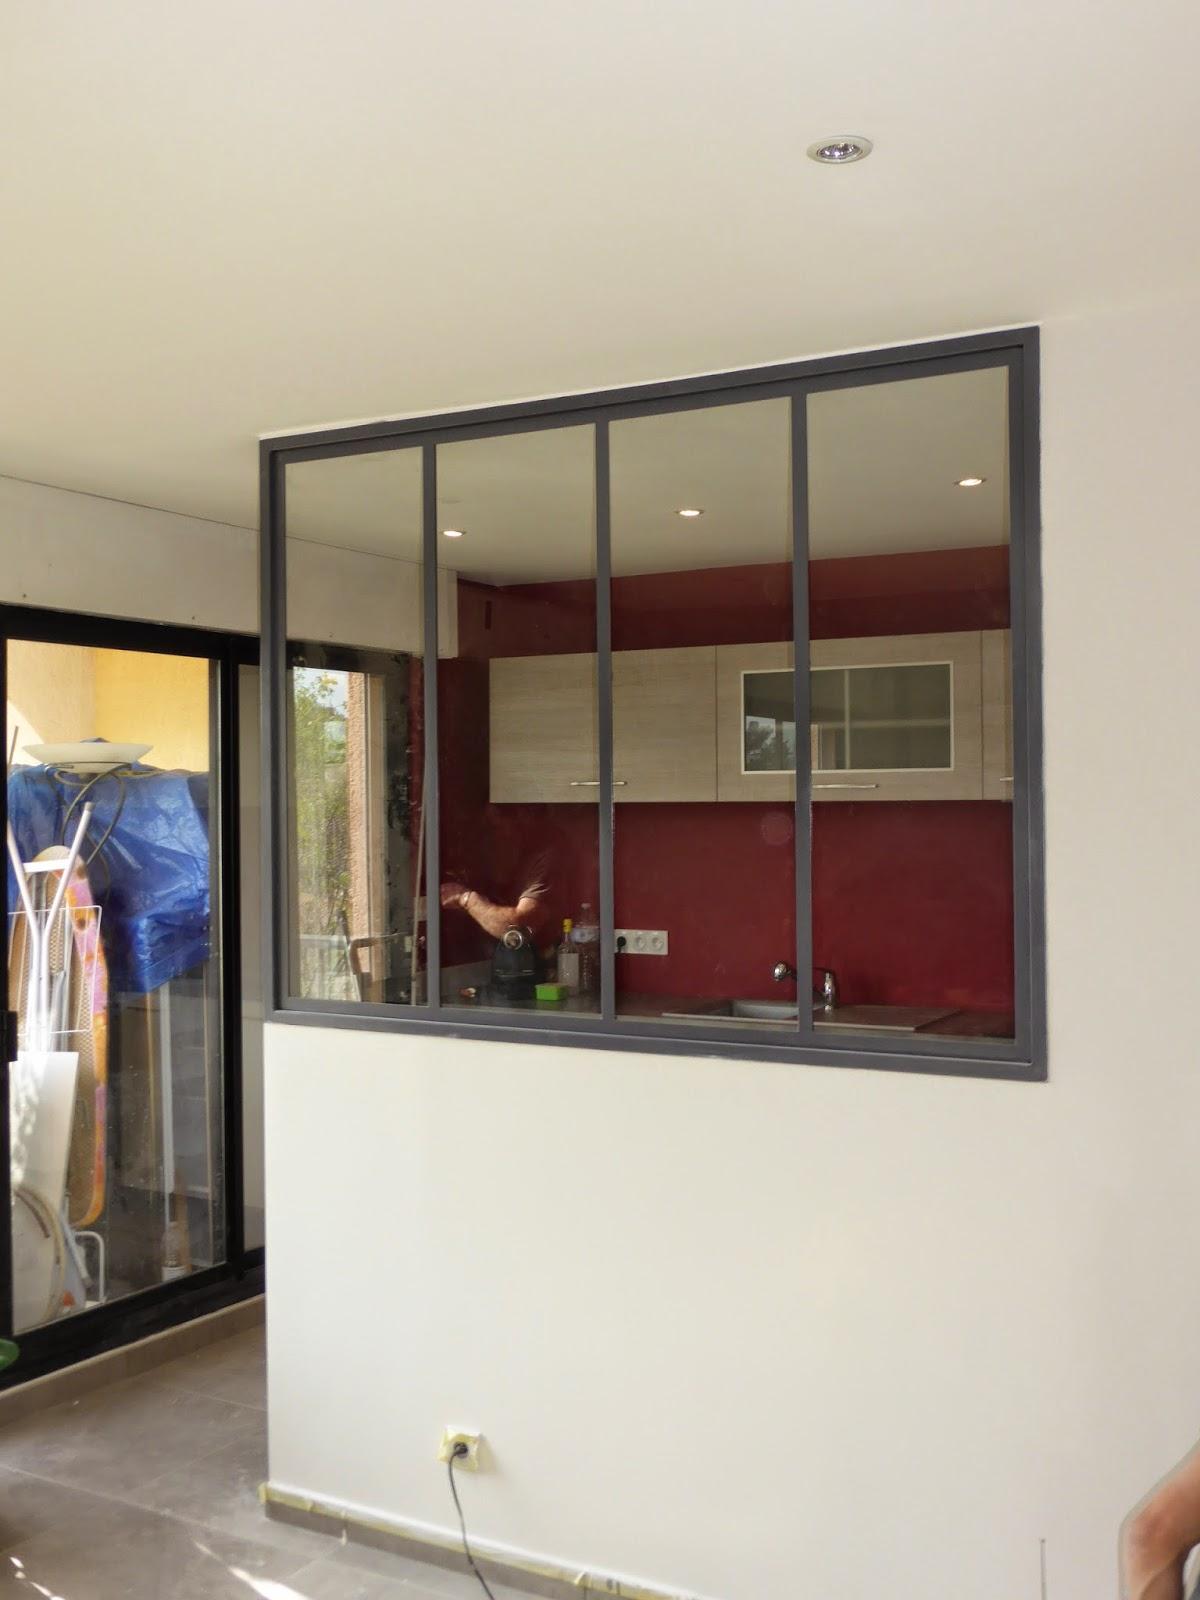 verriere cuisine leroy merlin solutions pour la d coration int rieure de votre maison. Black Bedroom Furniture Sets. Home Design Ideas